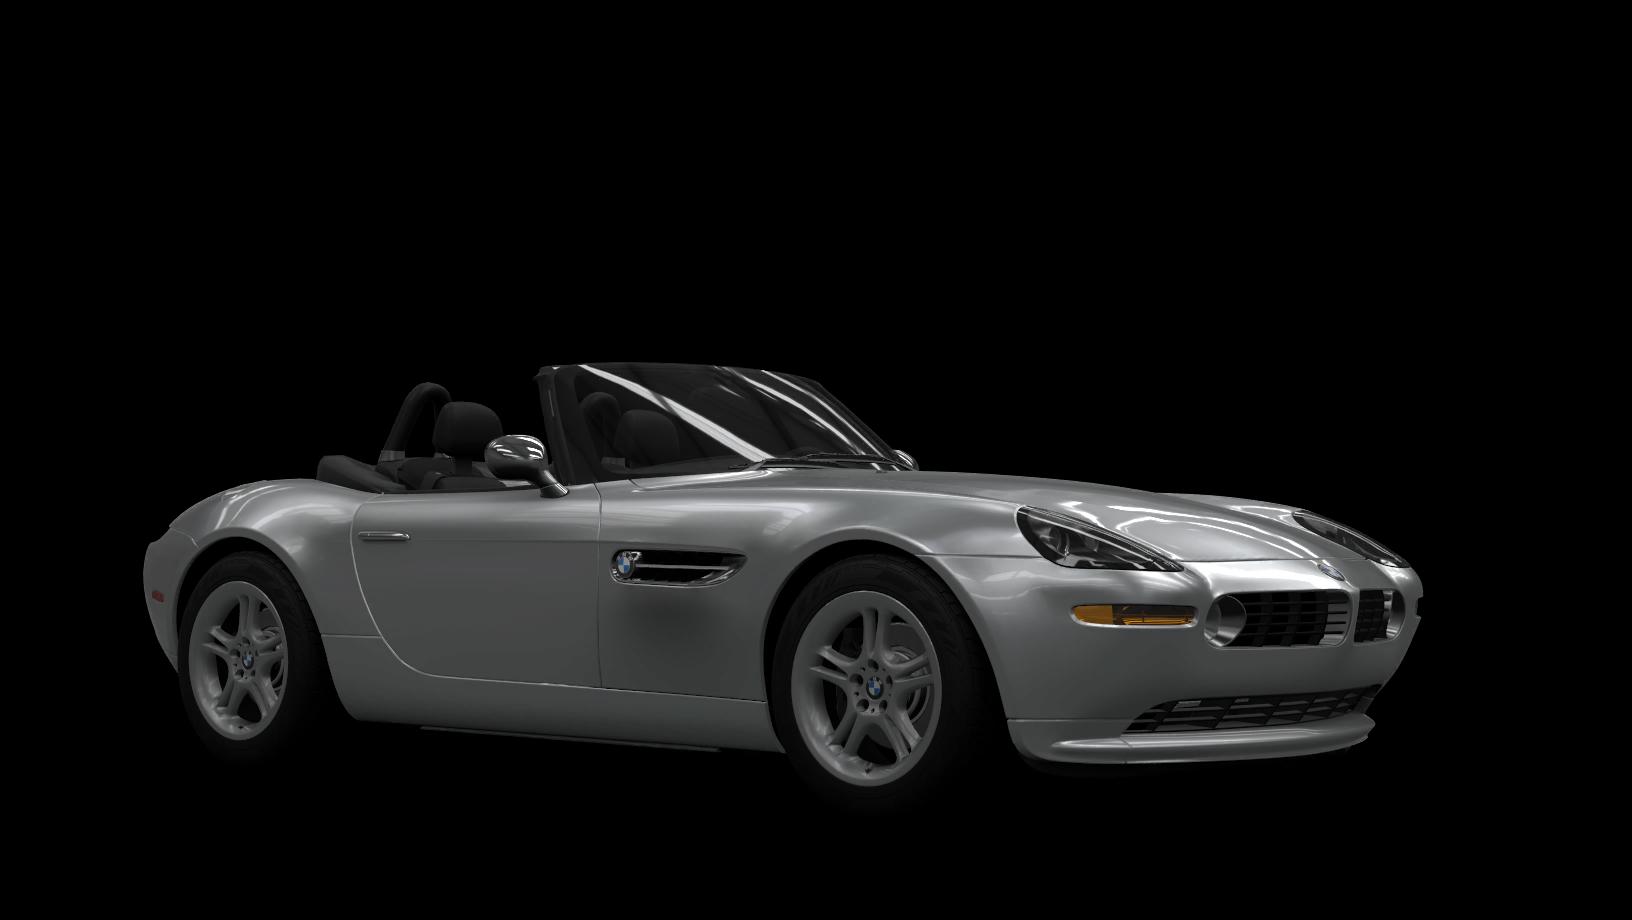 James Bond Edition BMW Z8